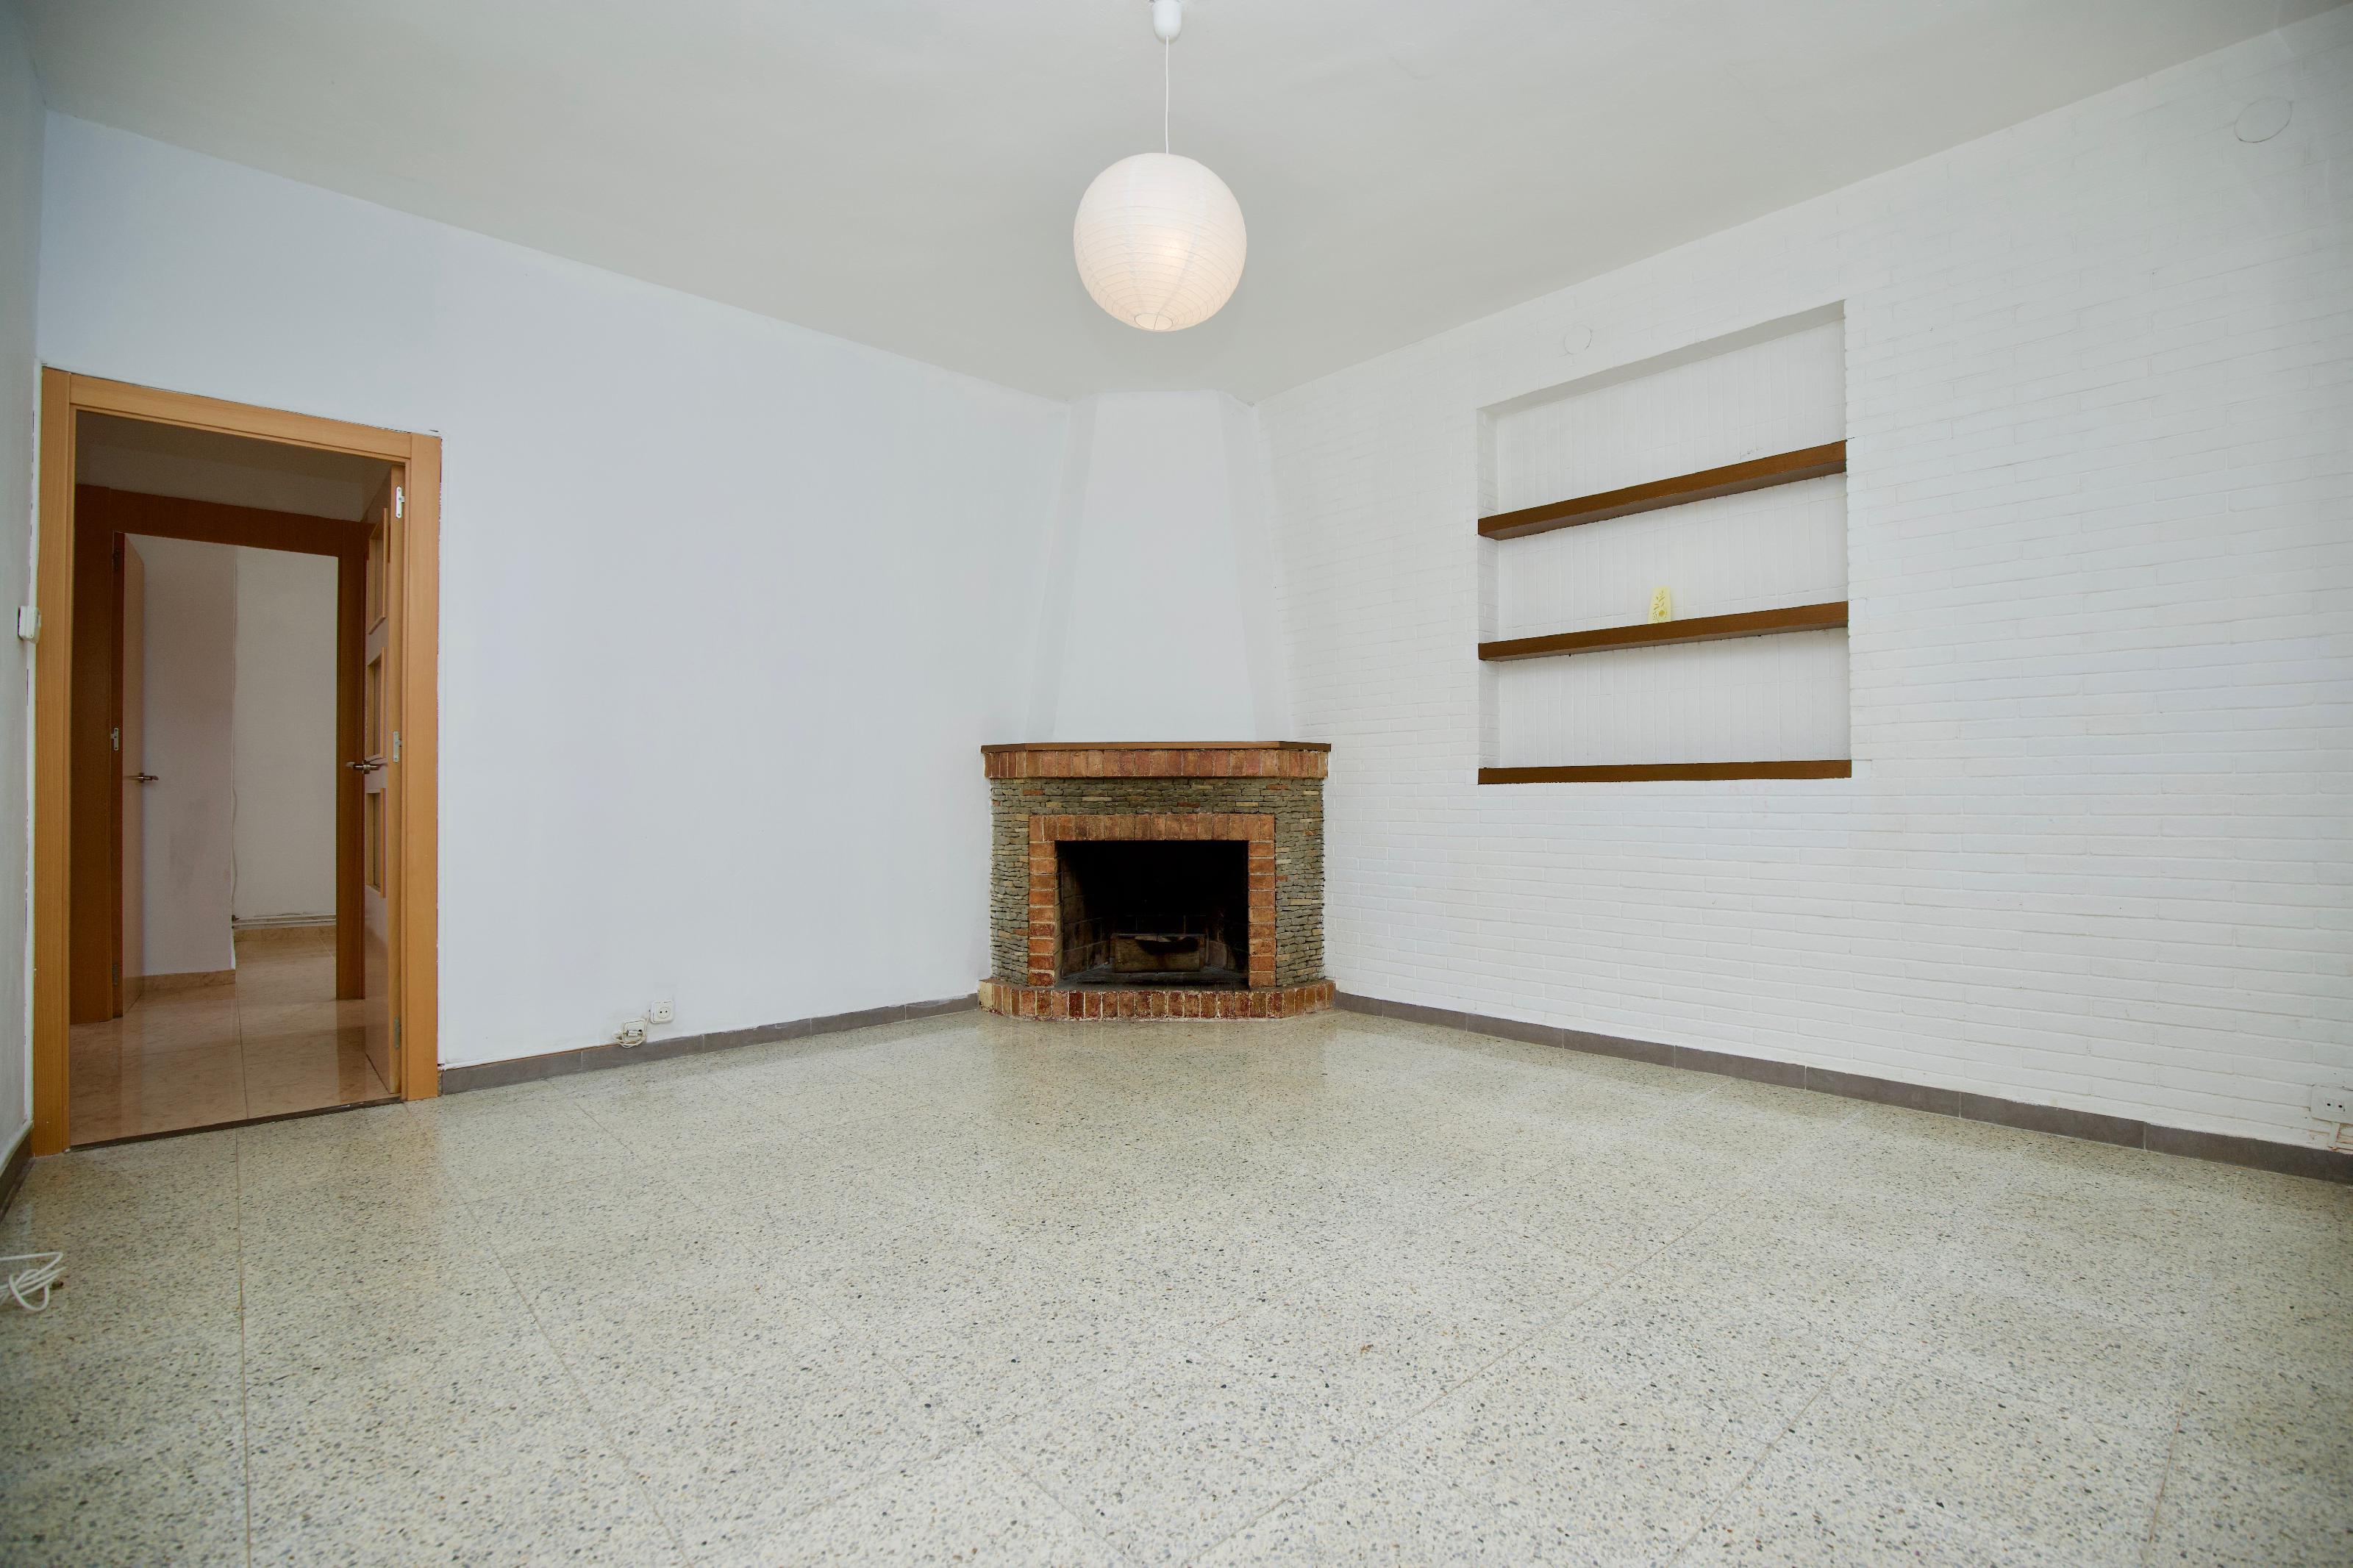 Imagen 2 Piso en alquiler en Esplugues De Llobregat / Cerca colegio Americano